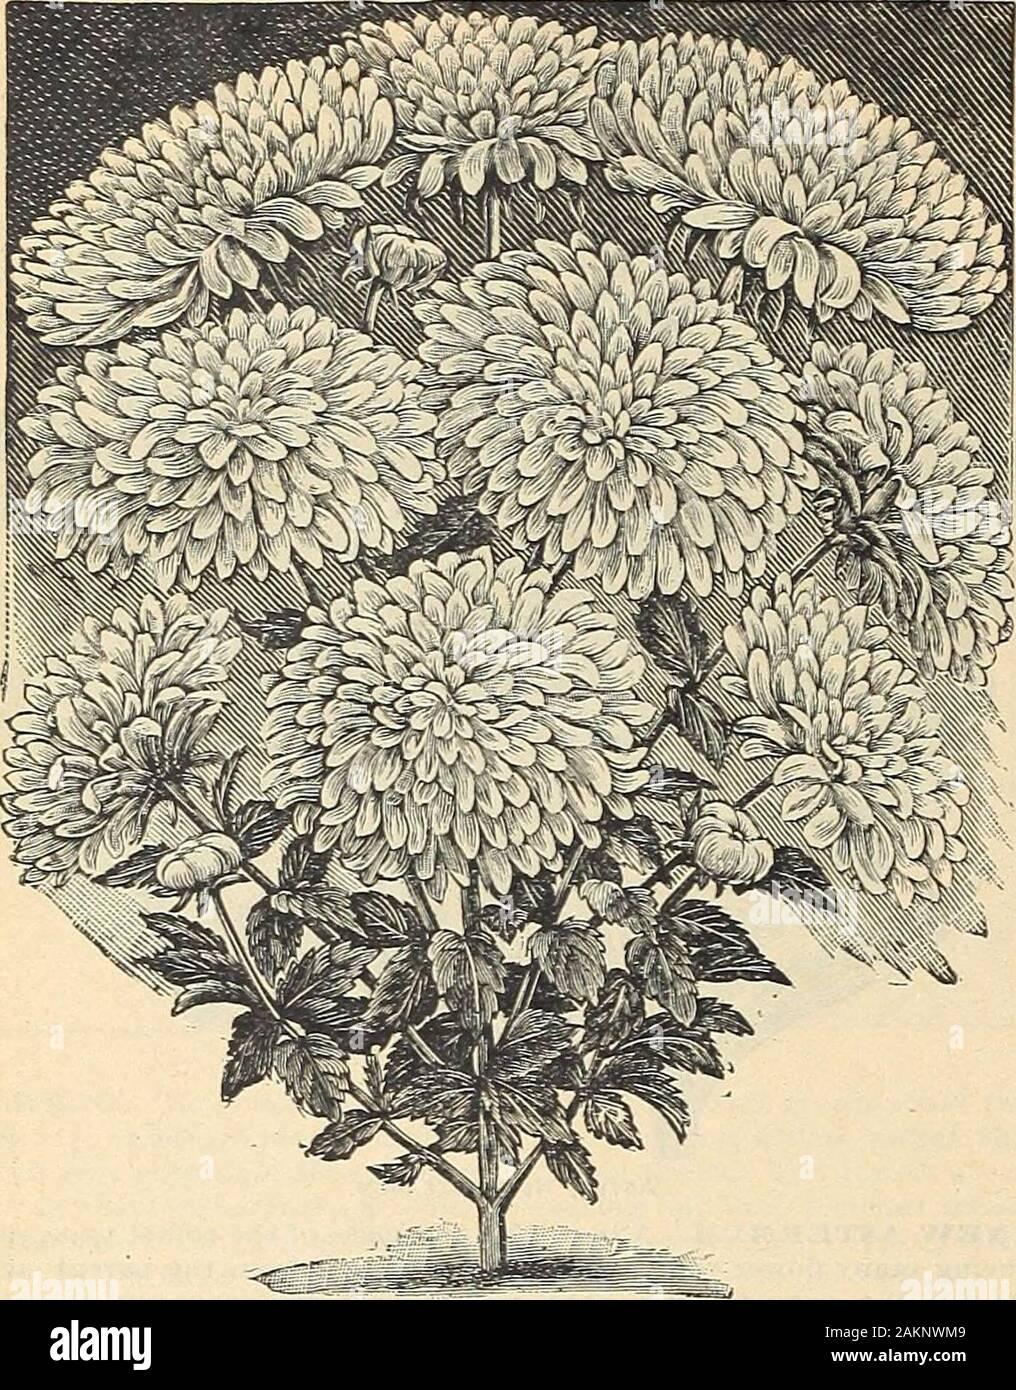 Pousse De Pétale De Sang : pousse, pétale, Making, Cactus, Flower, Banque, D'image, Photos, Alamy